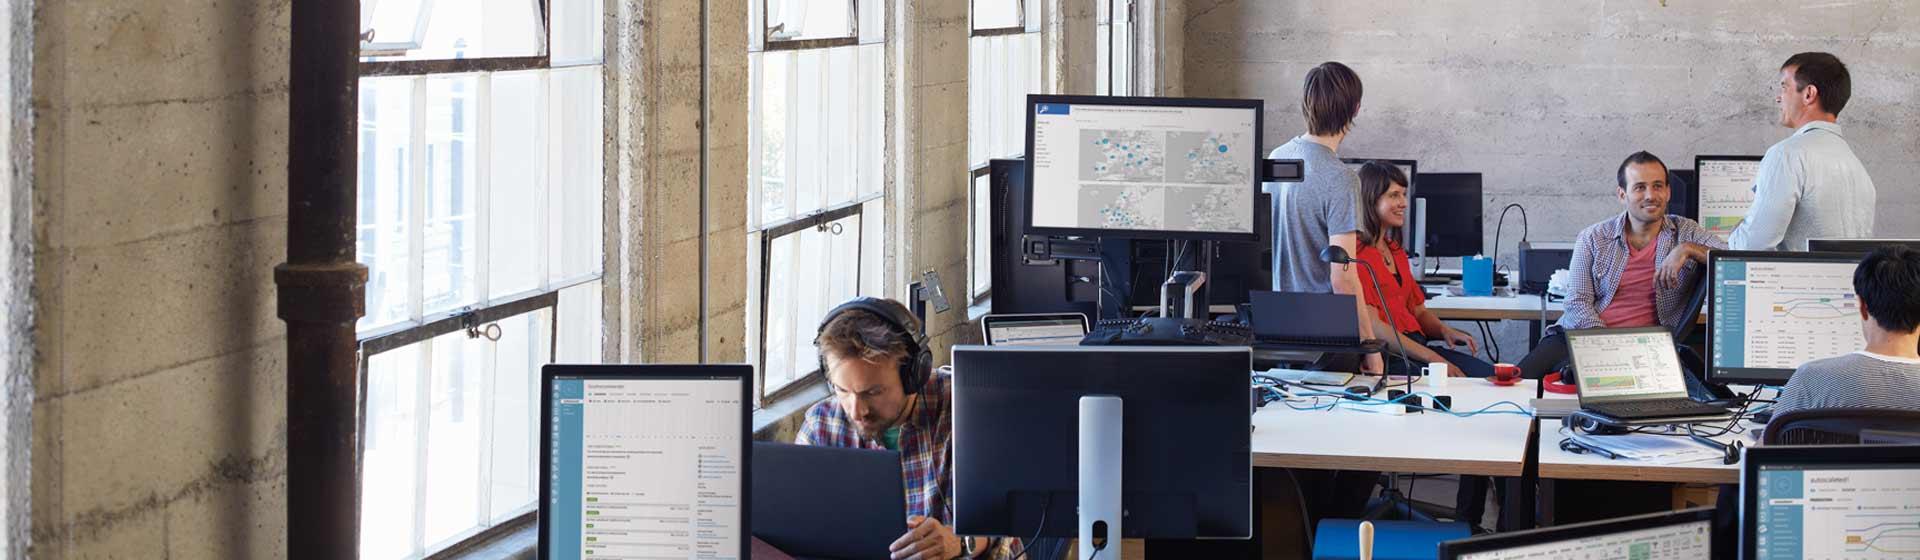 Office 365 çalıştıran bilgisayarlarla dolu bir ofiste masalarının etrafında oturan ve ayakta duran bir grup çalışma arkadaşı